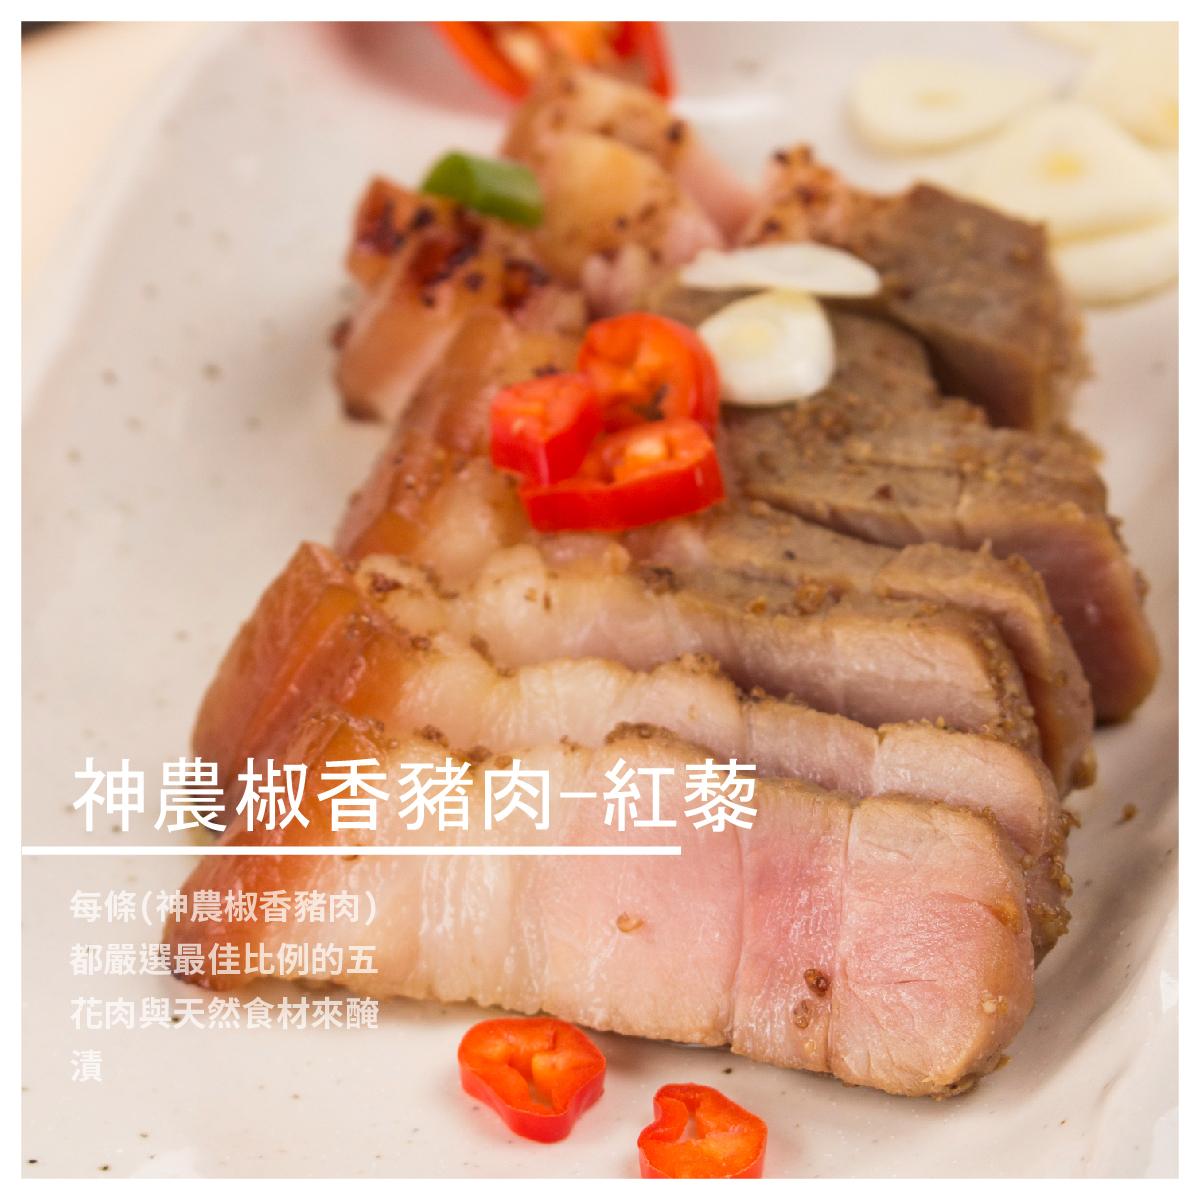 【阿迪密斯】神農椒香豬肉-紅藜